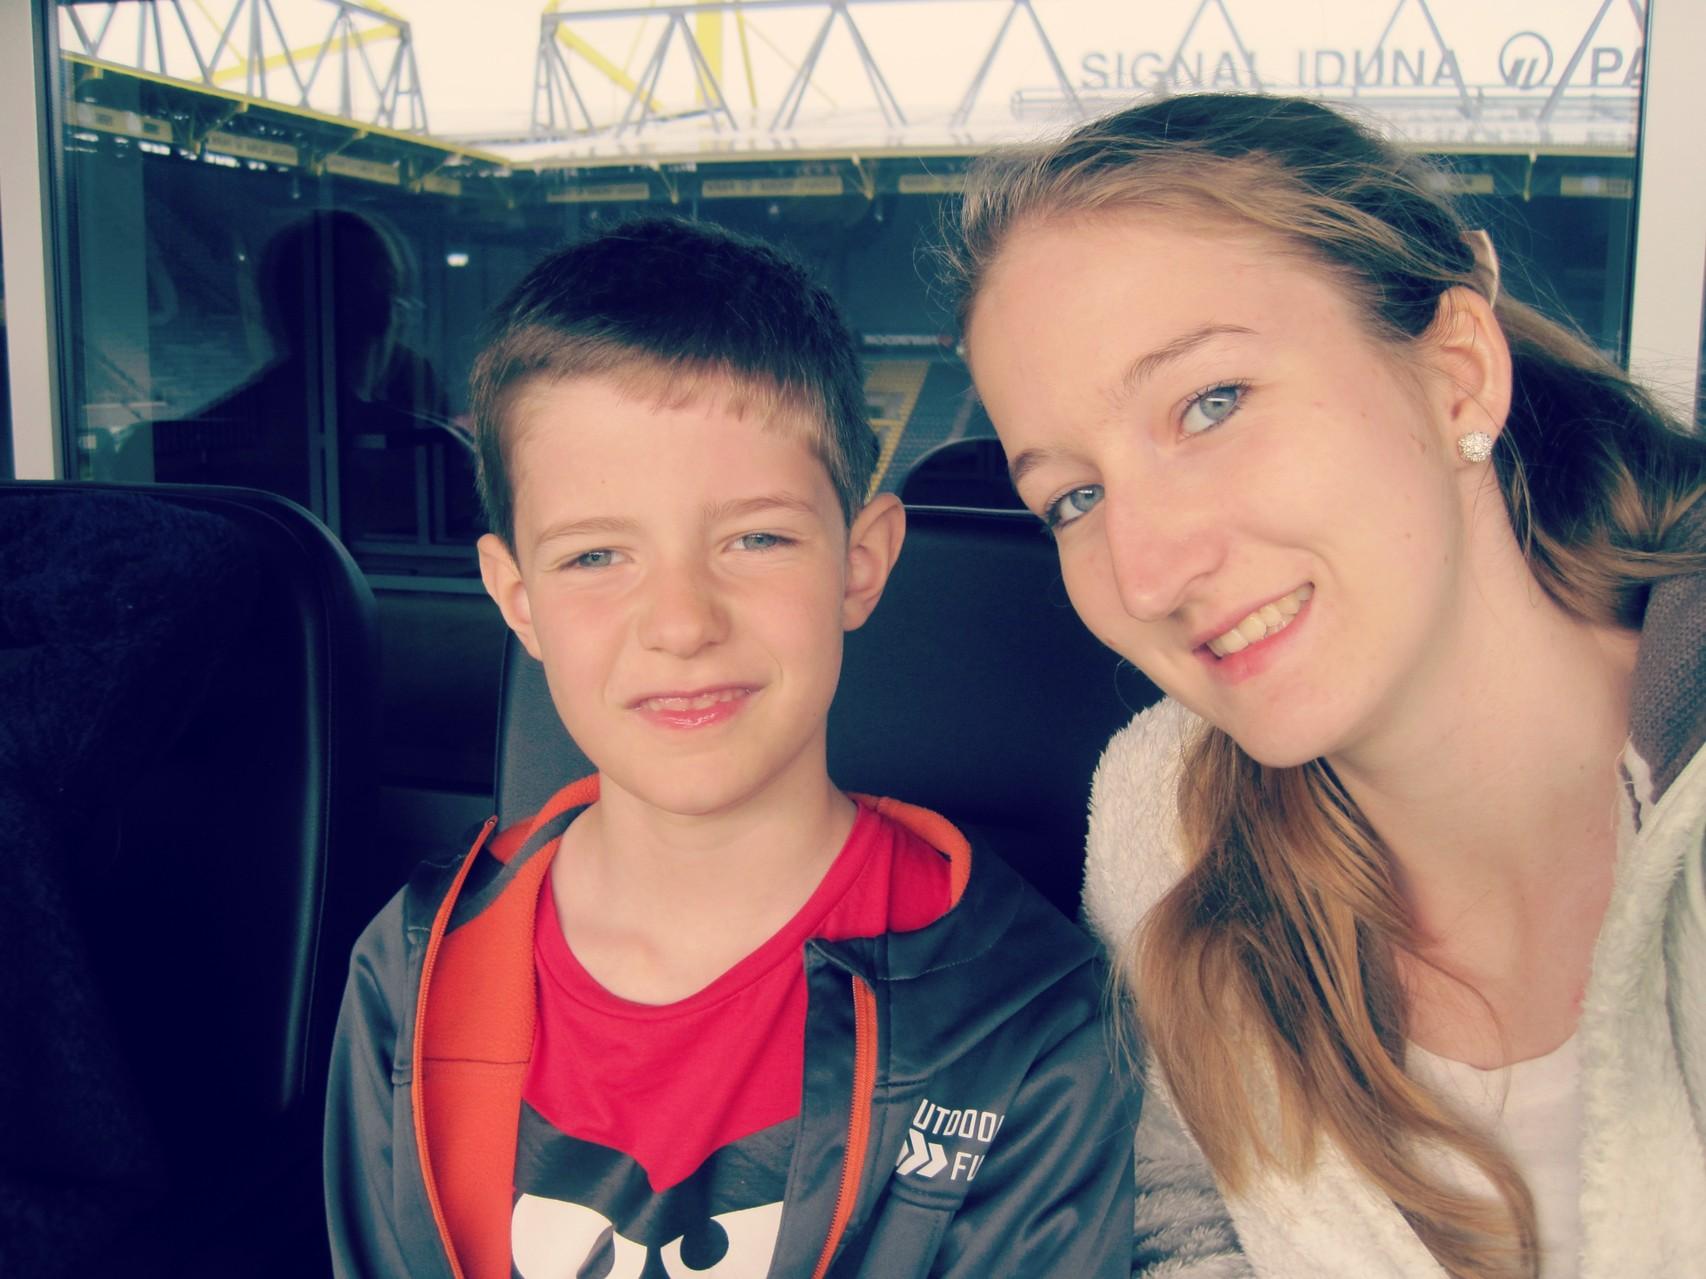 Mein süßer kleiner Bruder im Stadion ♥